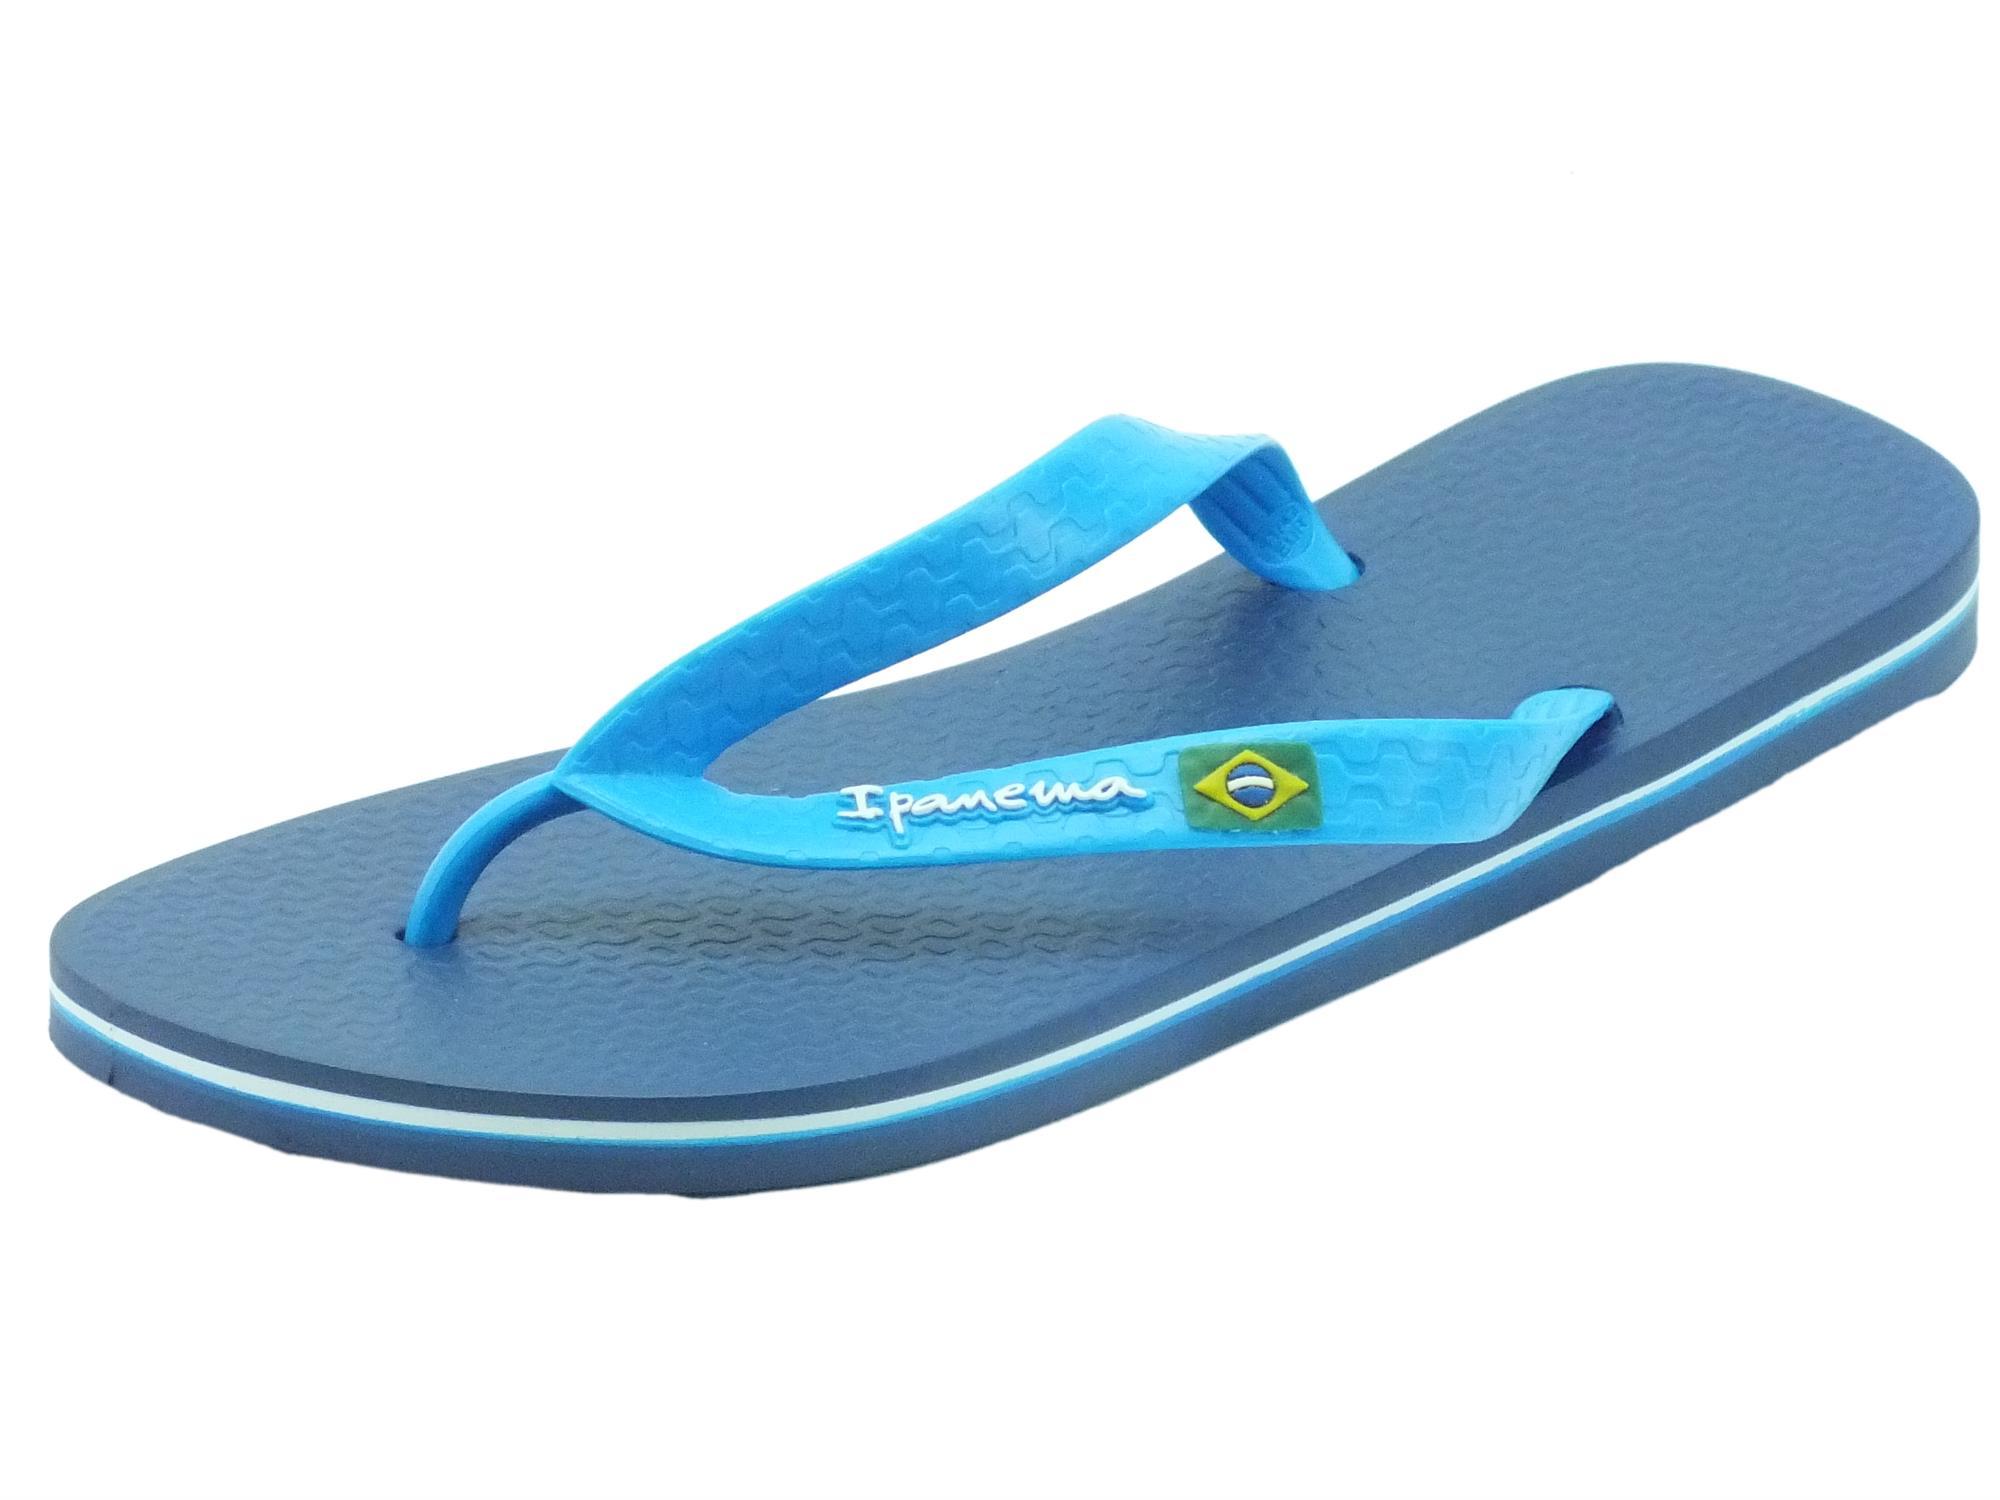 183df272ed74a Infradito Ipanema Clas Brasil uomo caucciù blu - Vitiello Calzature